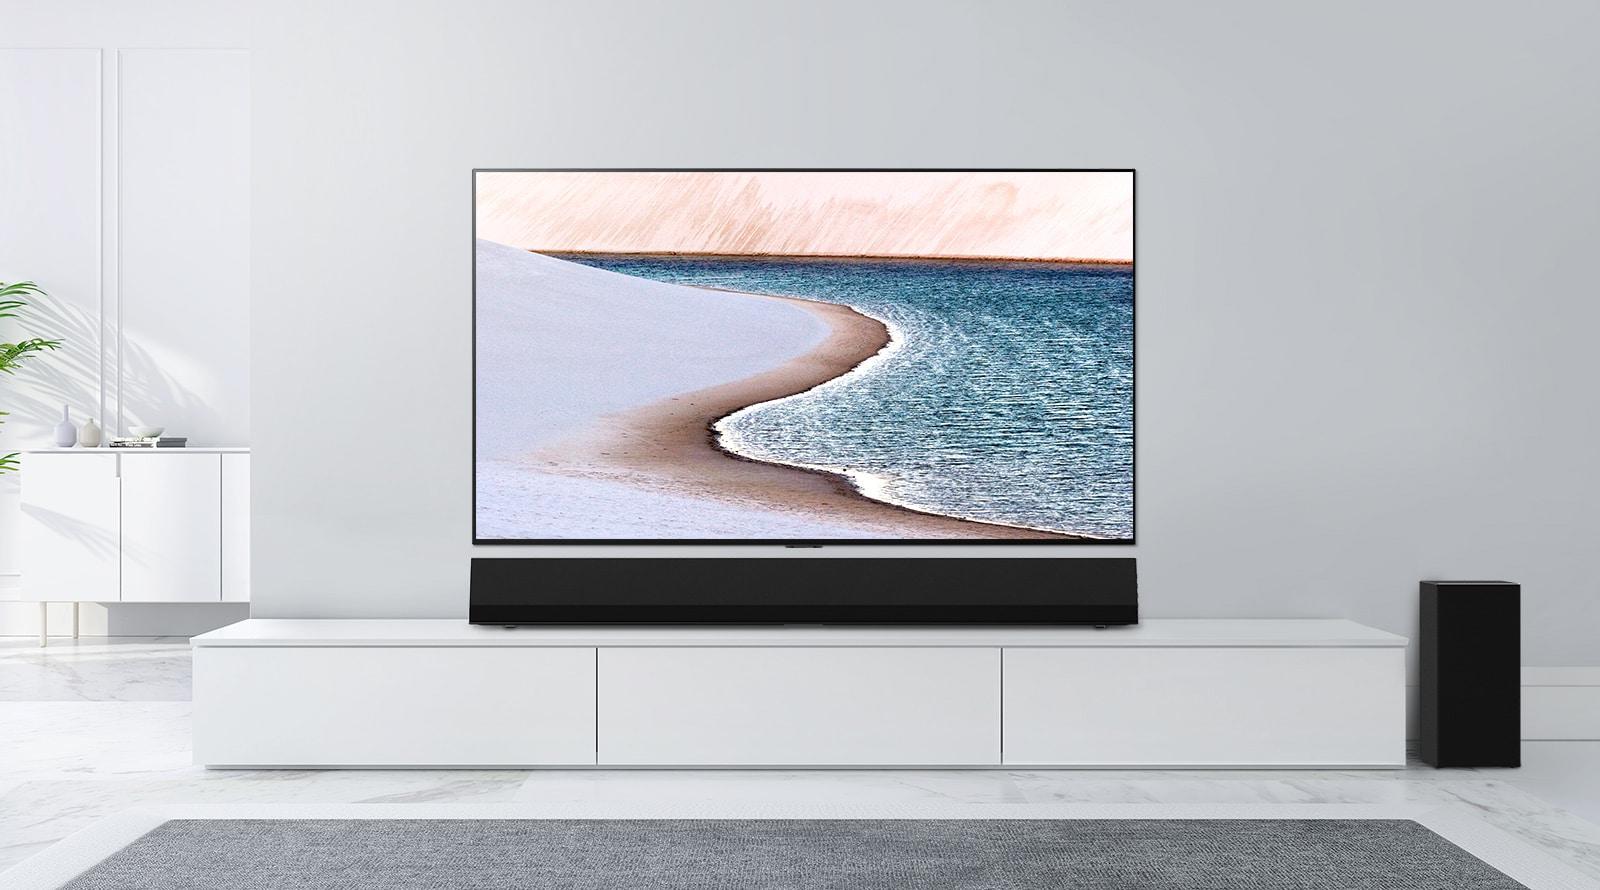 TV montata su una parete grigio chiaro. La suondbar LG è posizionata sotto su un mobile bianco. La TV mostra una spiaggia.